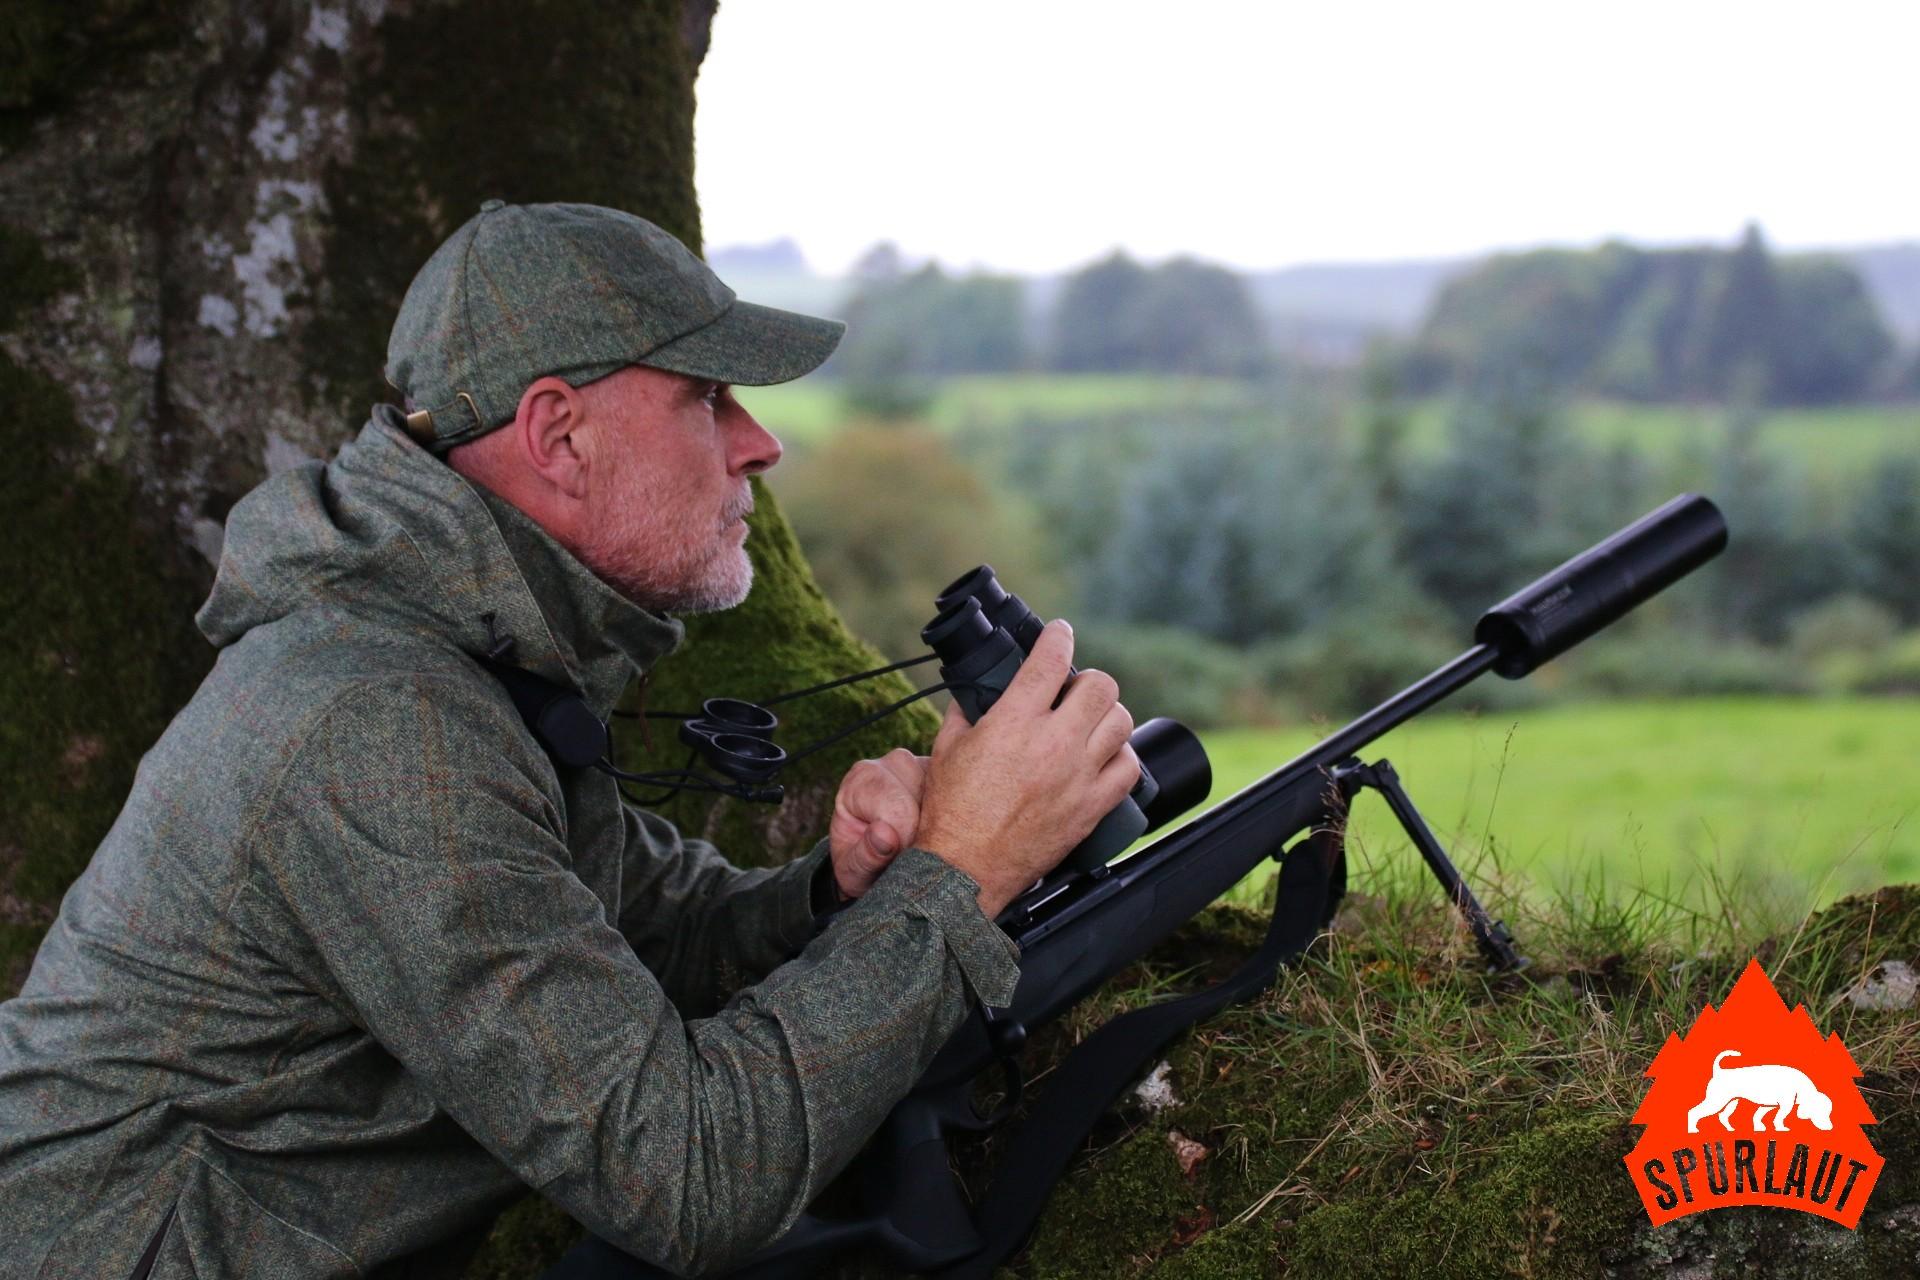 Schalldämpfer gehören in Irland schon lange zum Standard